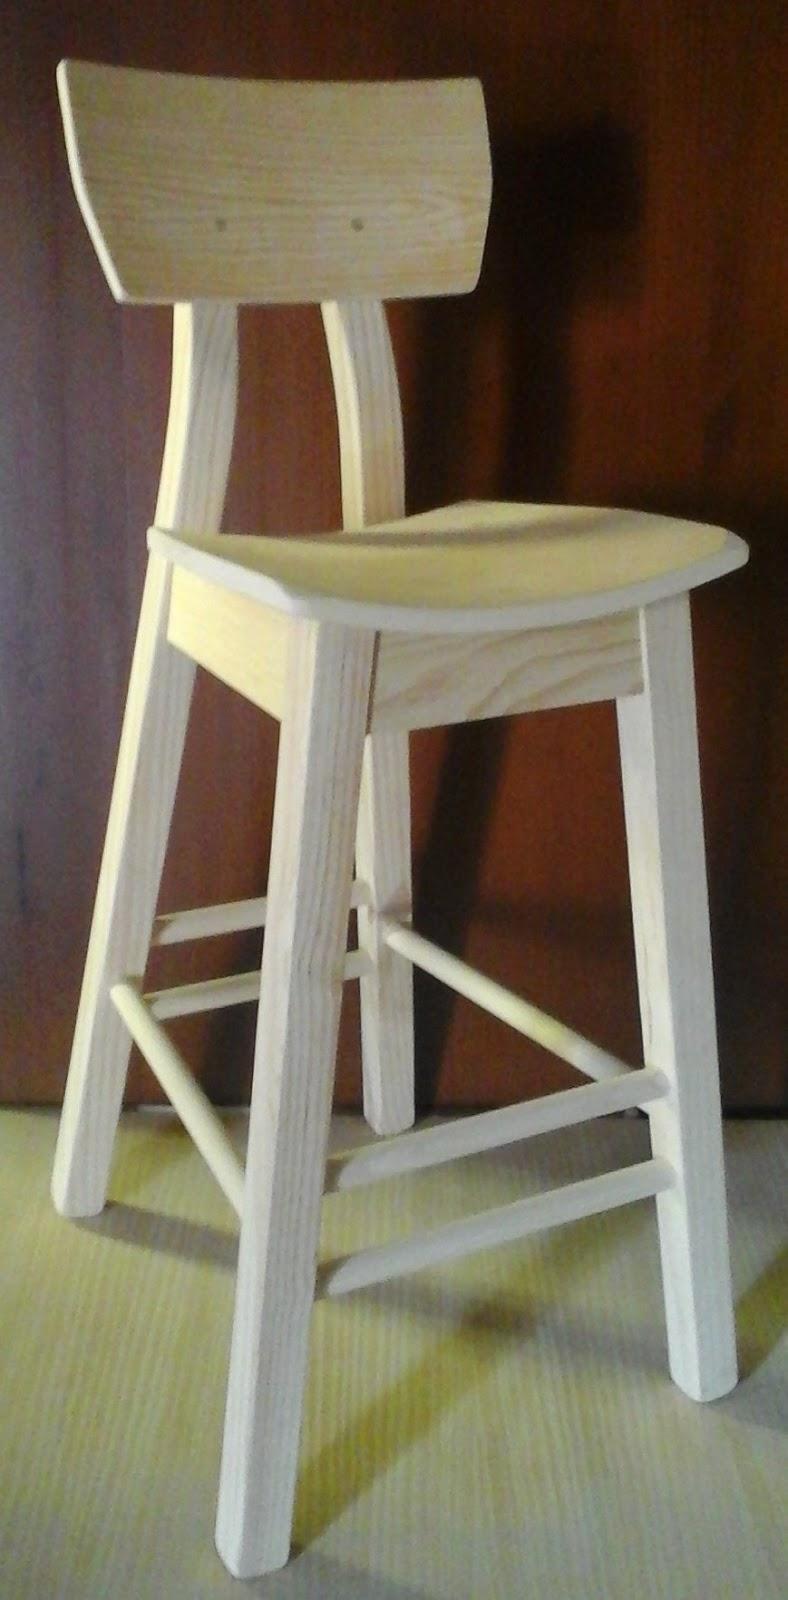 Fabrica de sillas de madera pauli sillas y mesas de for Bar modelos madera